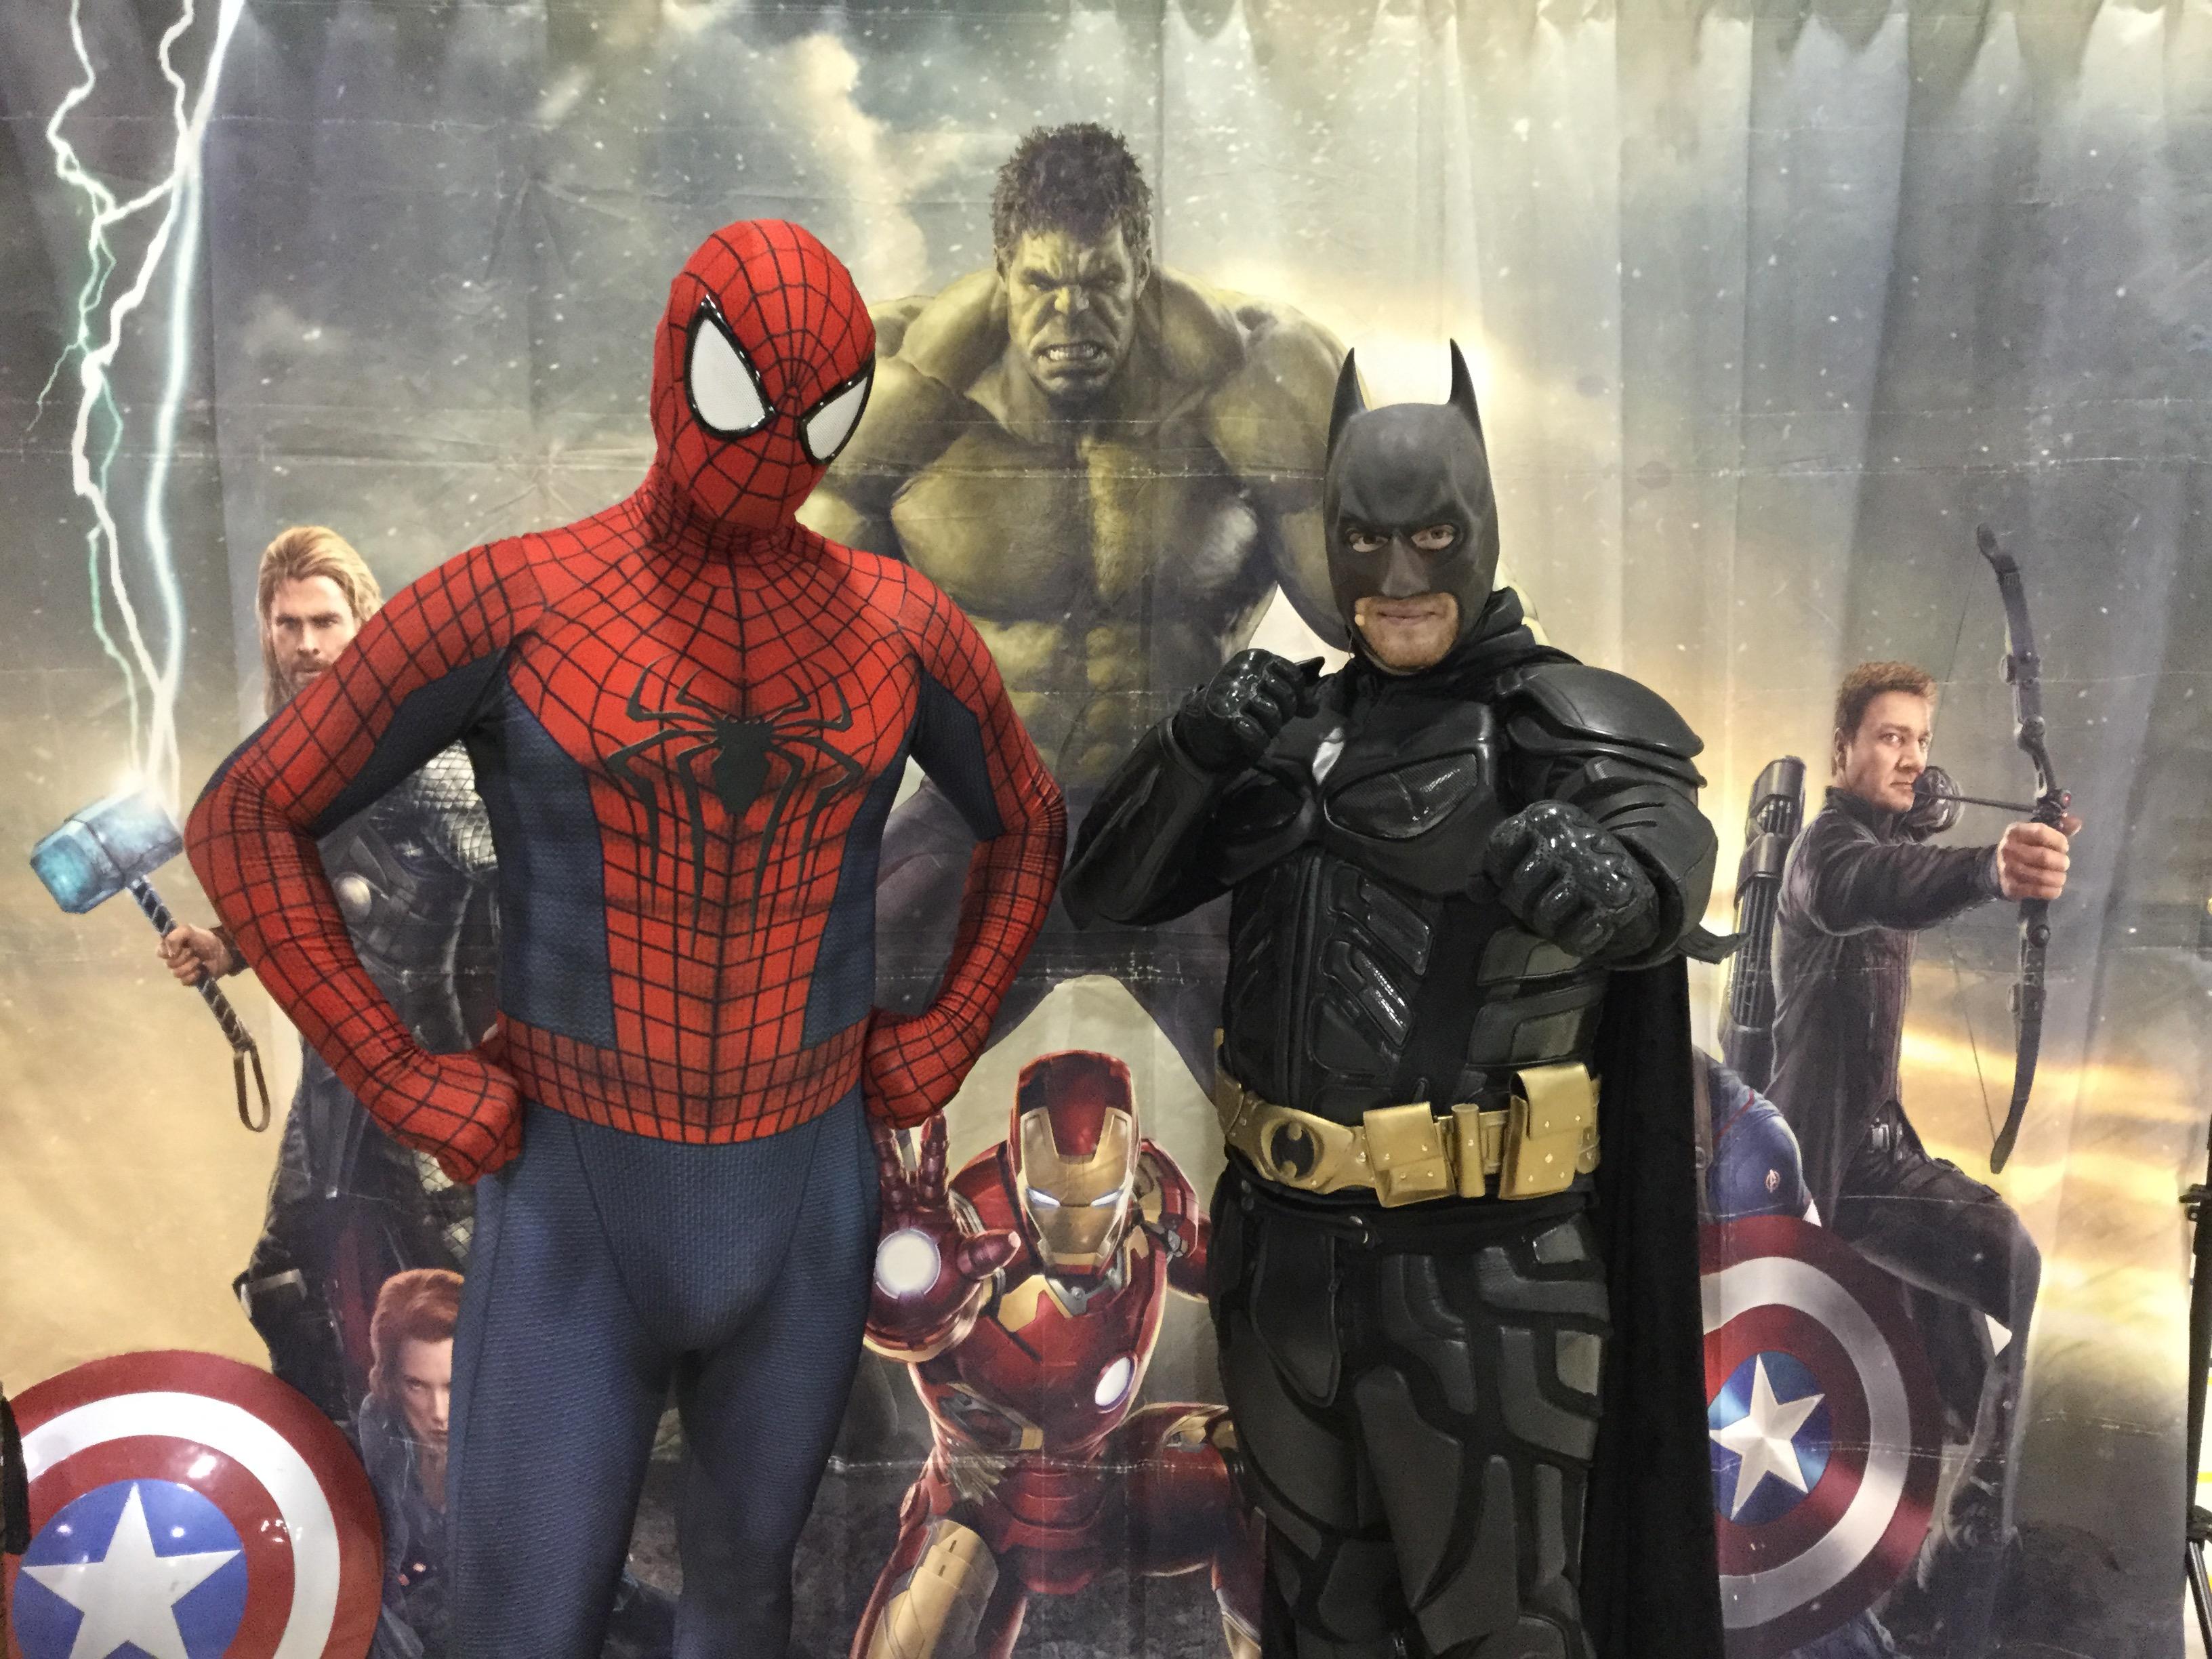 Les superhéros à l'école Roxton Pond